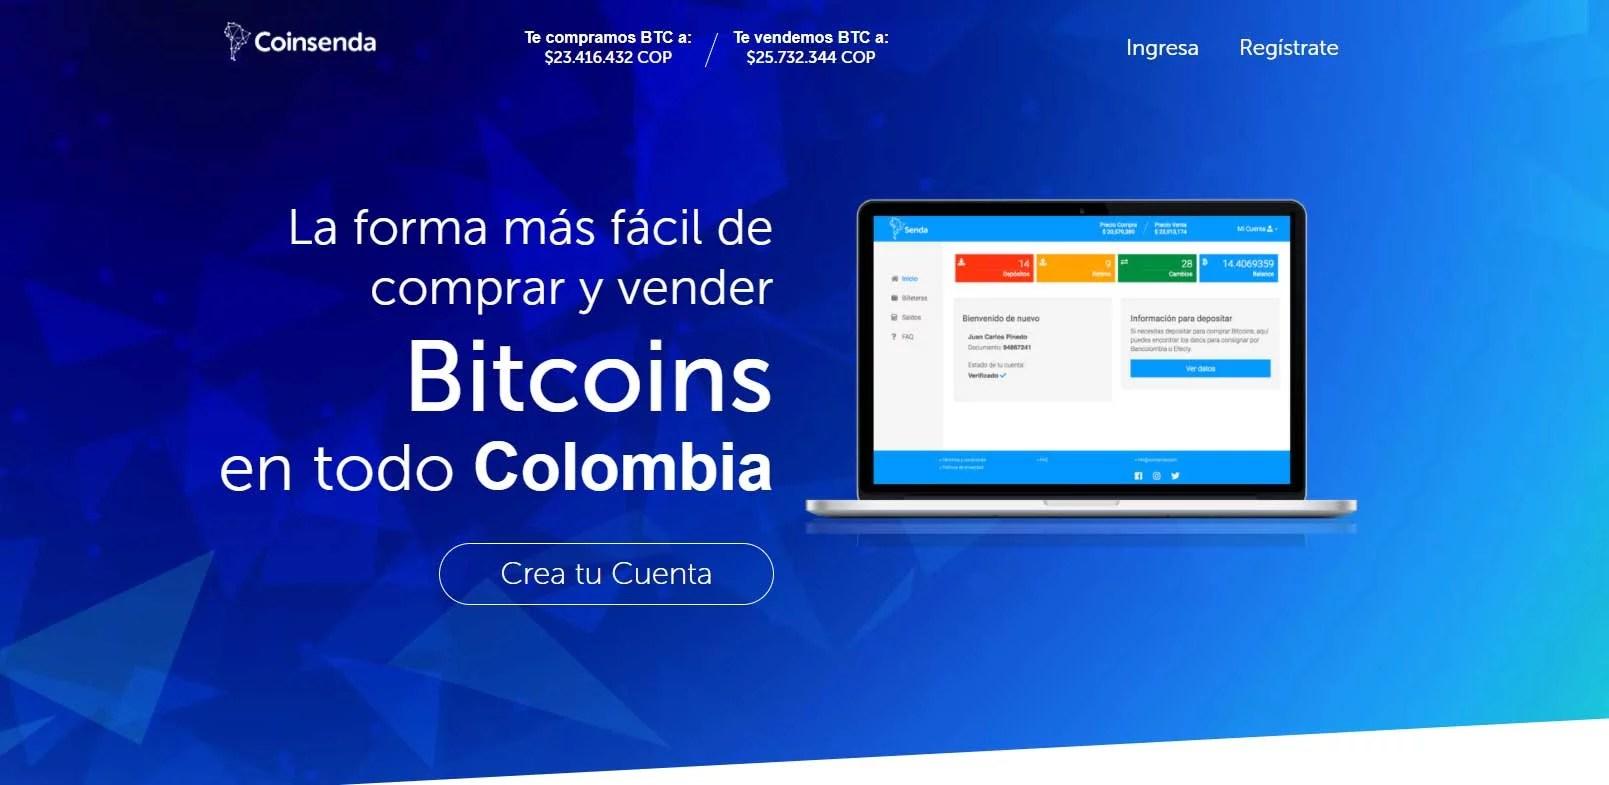 Coinsenda para comprar btc en colombia